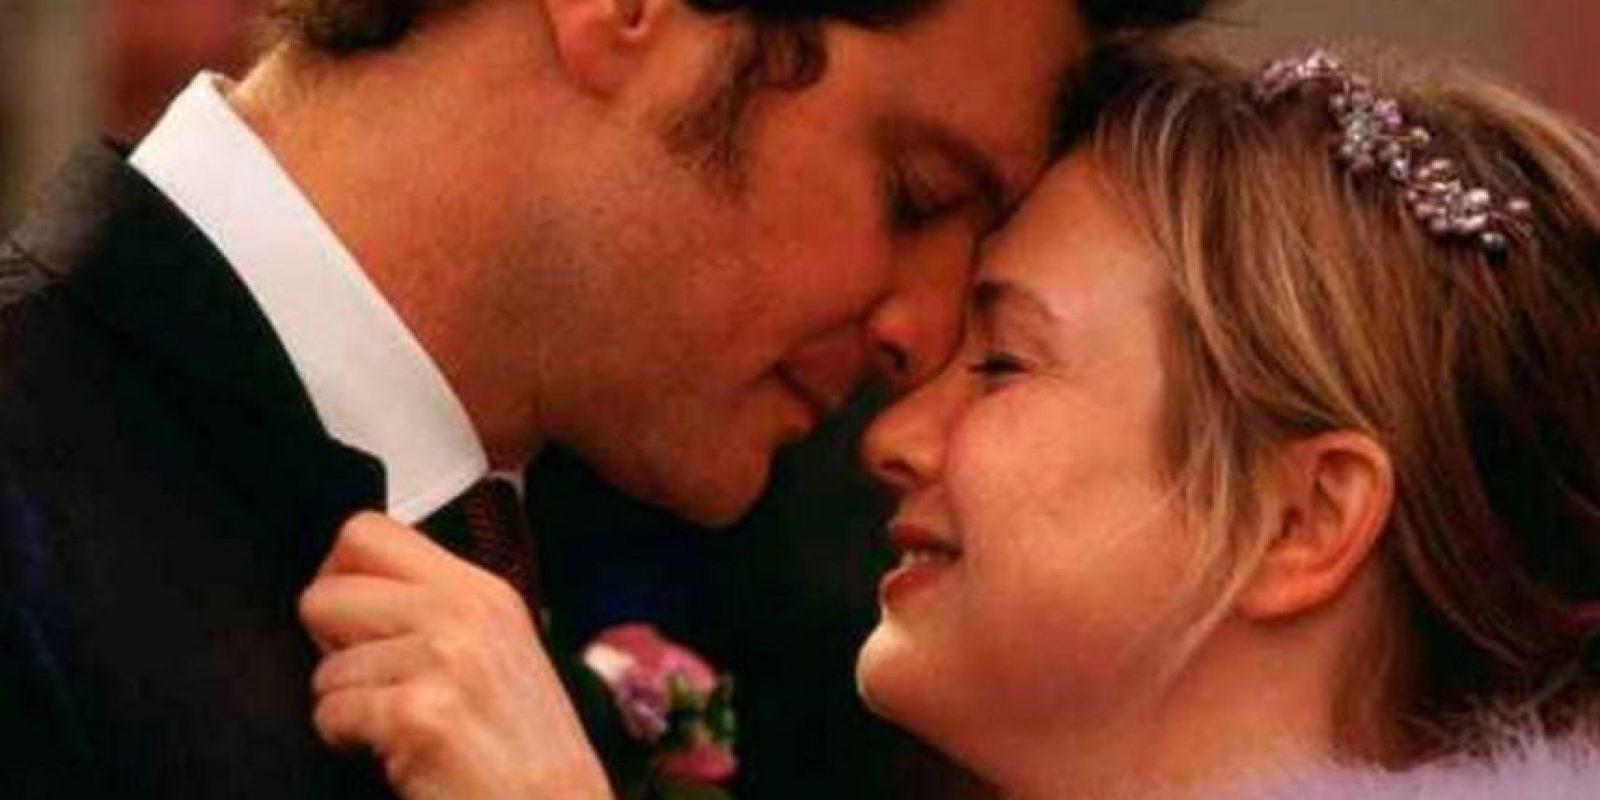 """3. Para describirlo usó como base a Colin Firth, quien años antes había interpretado a """"Mr. Darcy"""". Lo curioso es que en """"Bridget Jones's Diary"""", Colin Firth fue quien interpretó también a """"Mark Darcy"""" Foto:IMDB"""